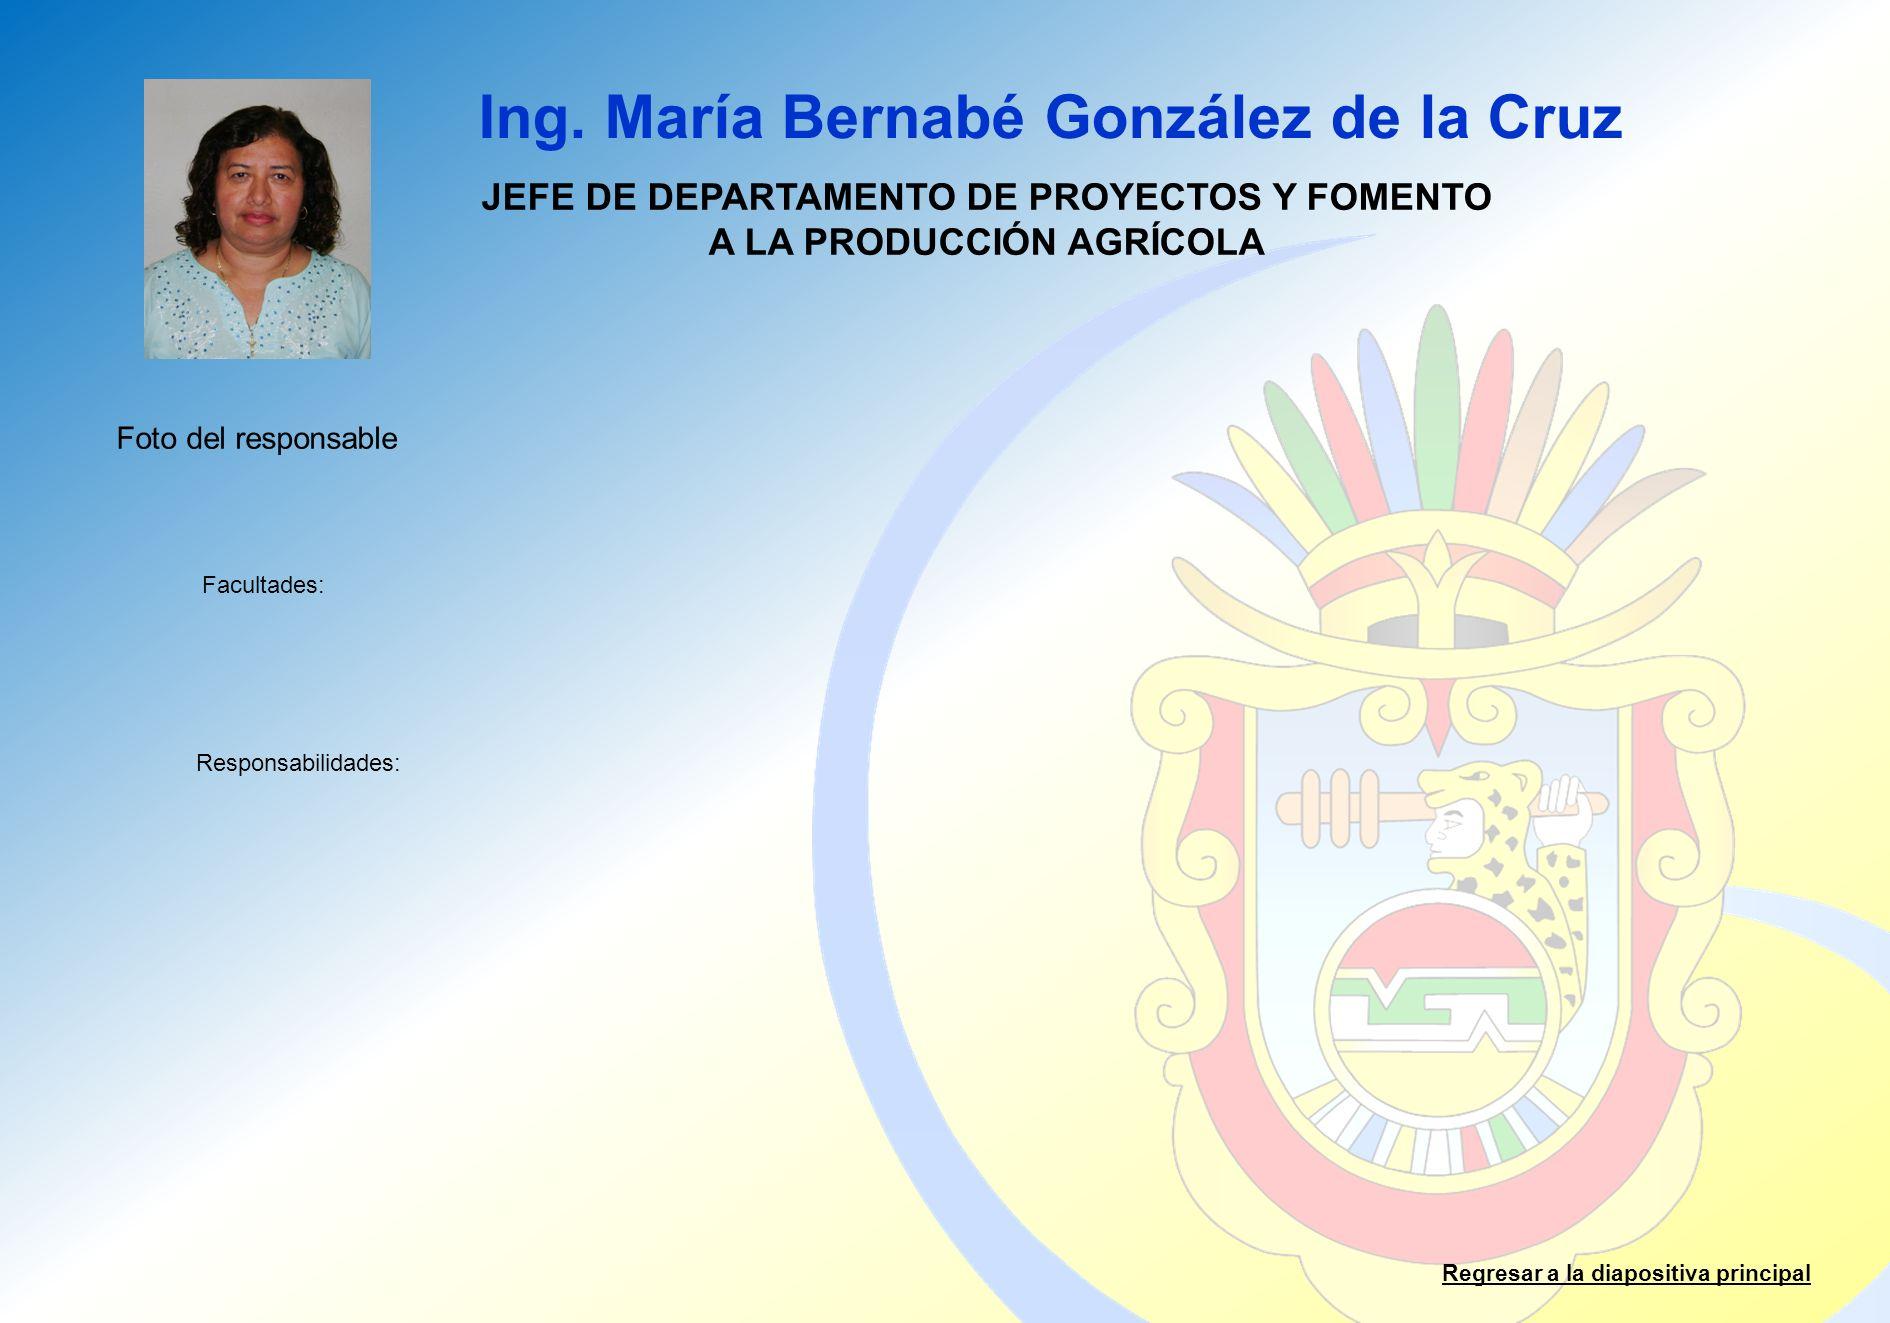 Ing. María Bernabé González de la Cruz Facultades: Responsabilidades: Regresar a la diapositiva principal JEFE DE DEPARTAMENTO DE PROYECTOS Y FOMENTO